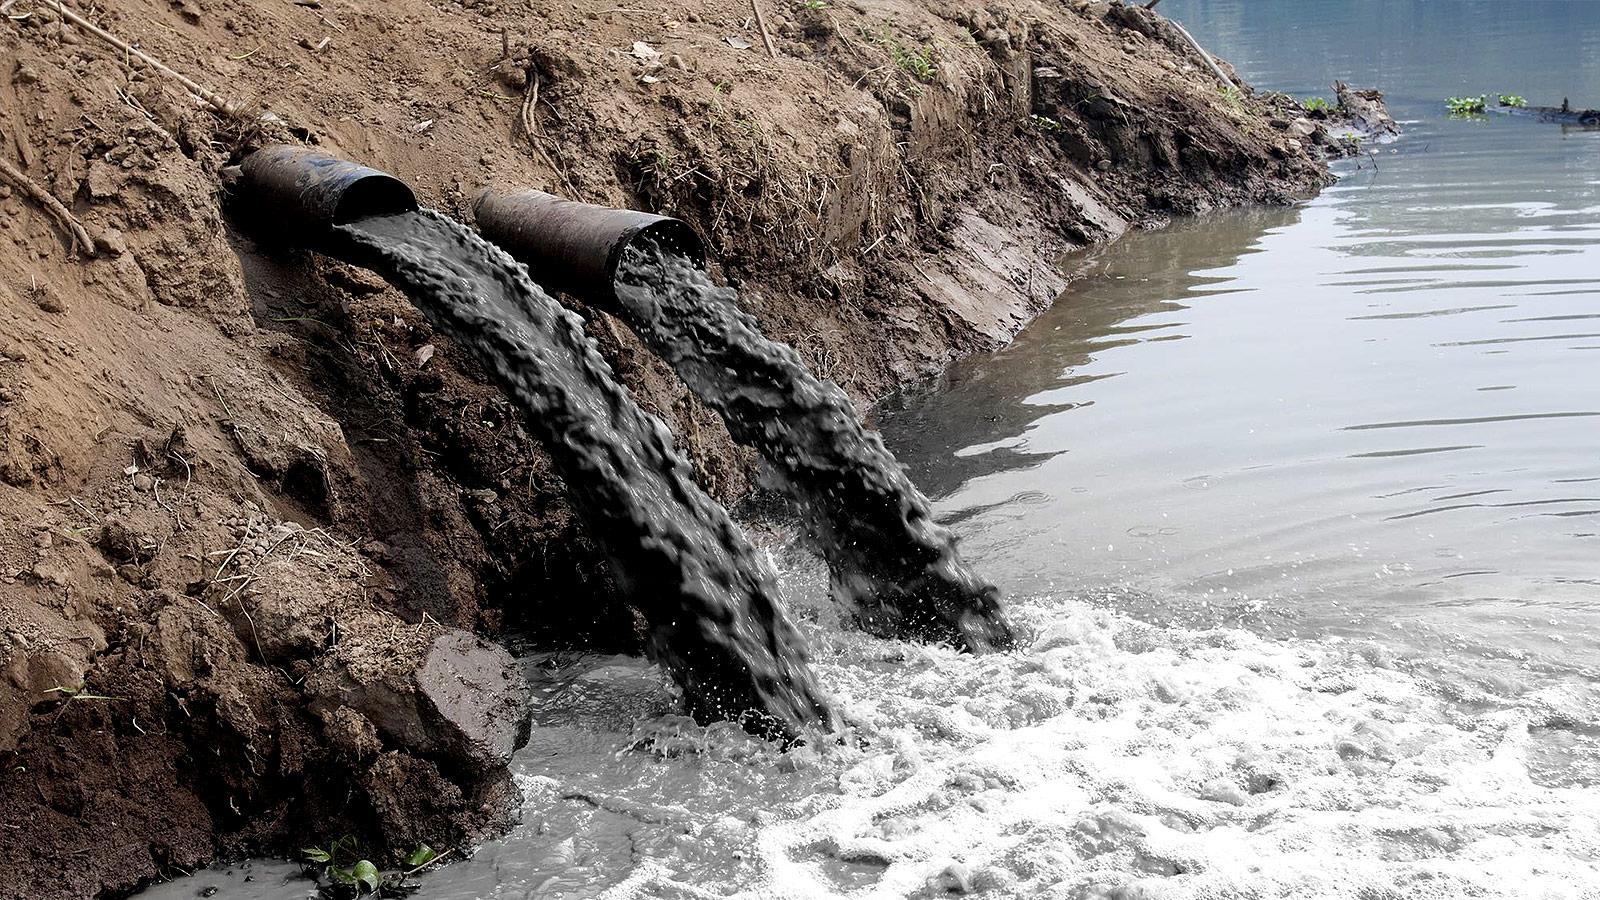 Проверка Минэконадзора в Наро-Фоминском округе обнаружила незаконный сброс сточных вод